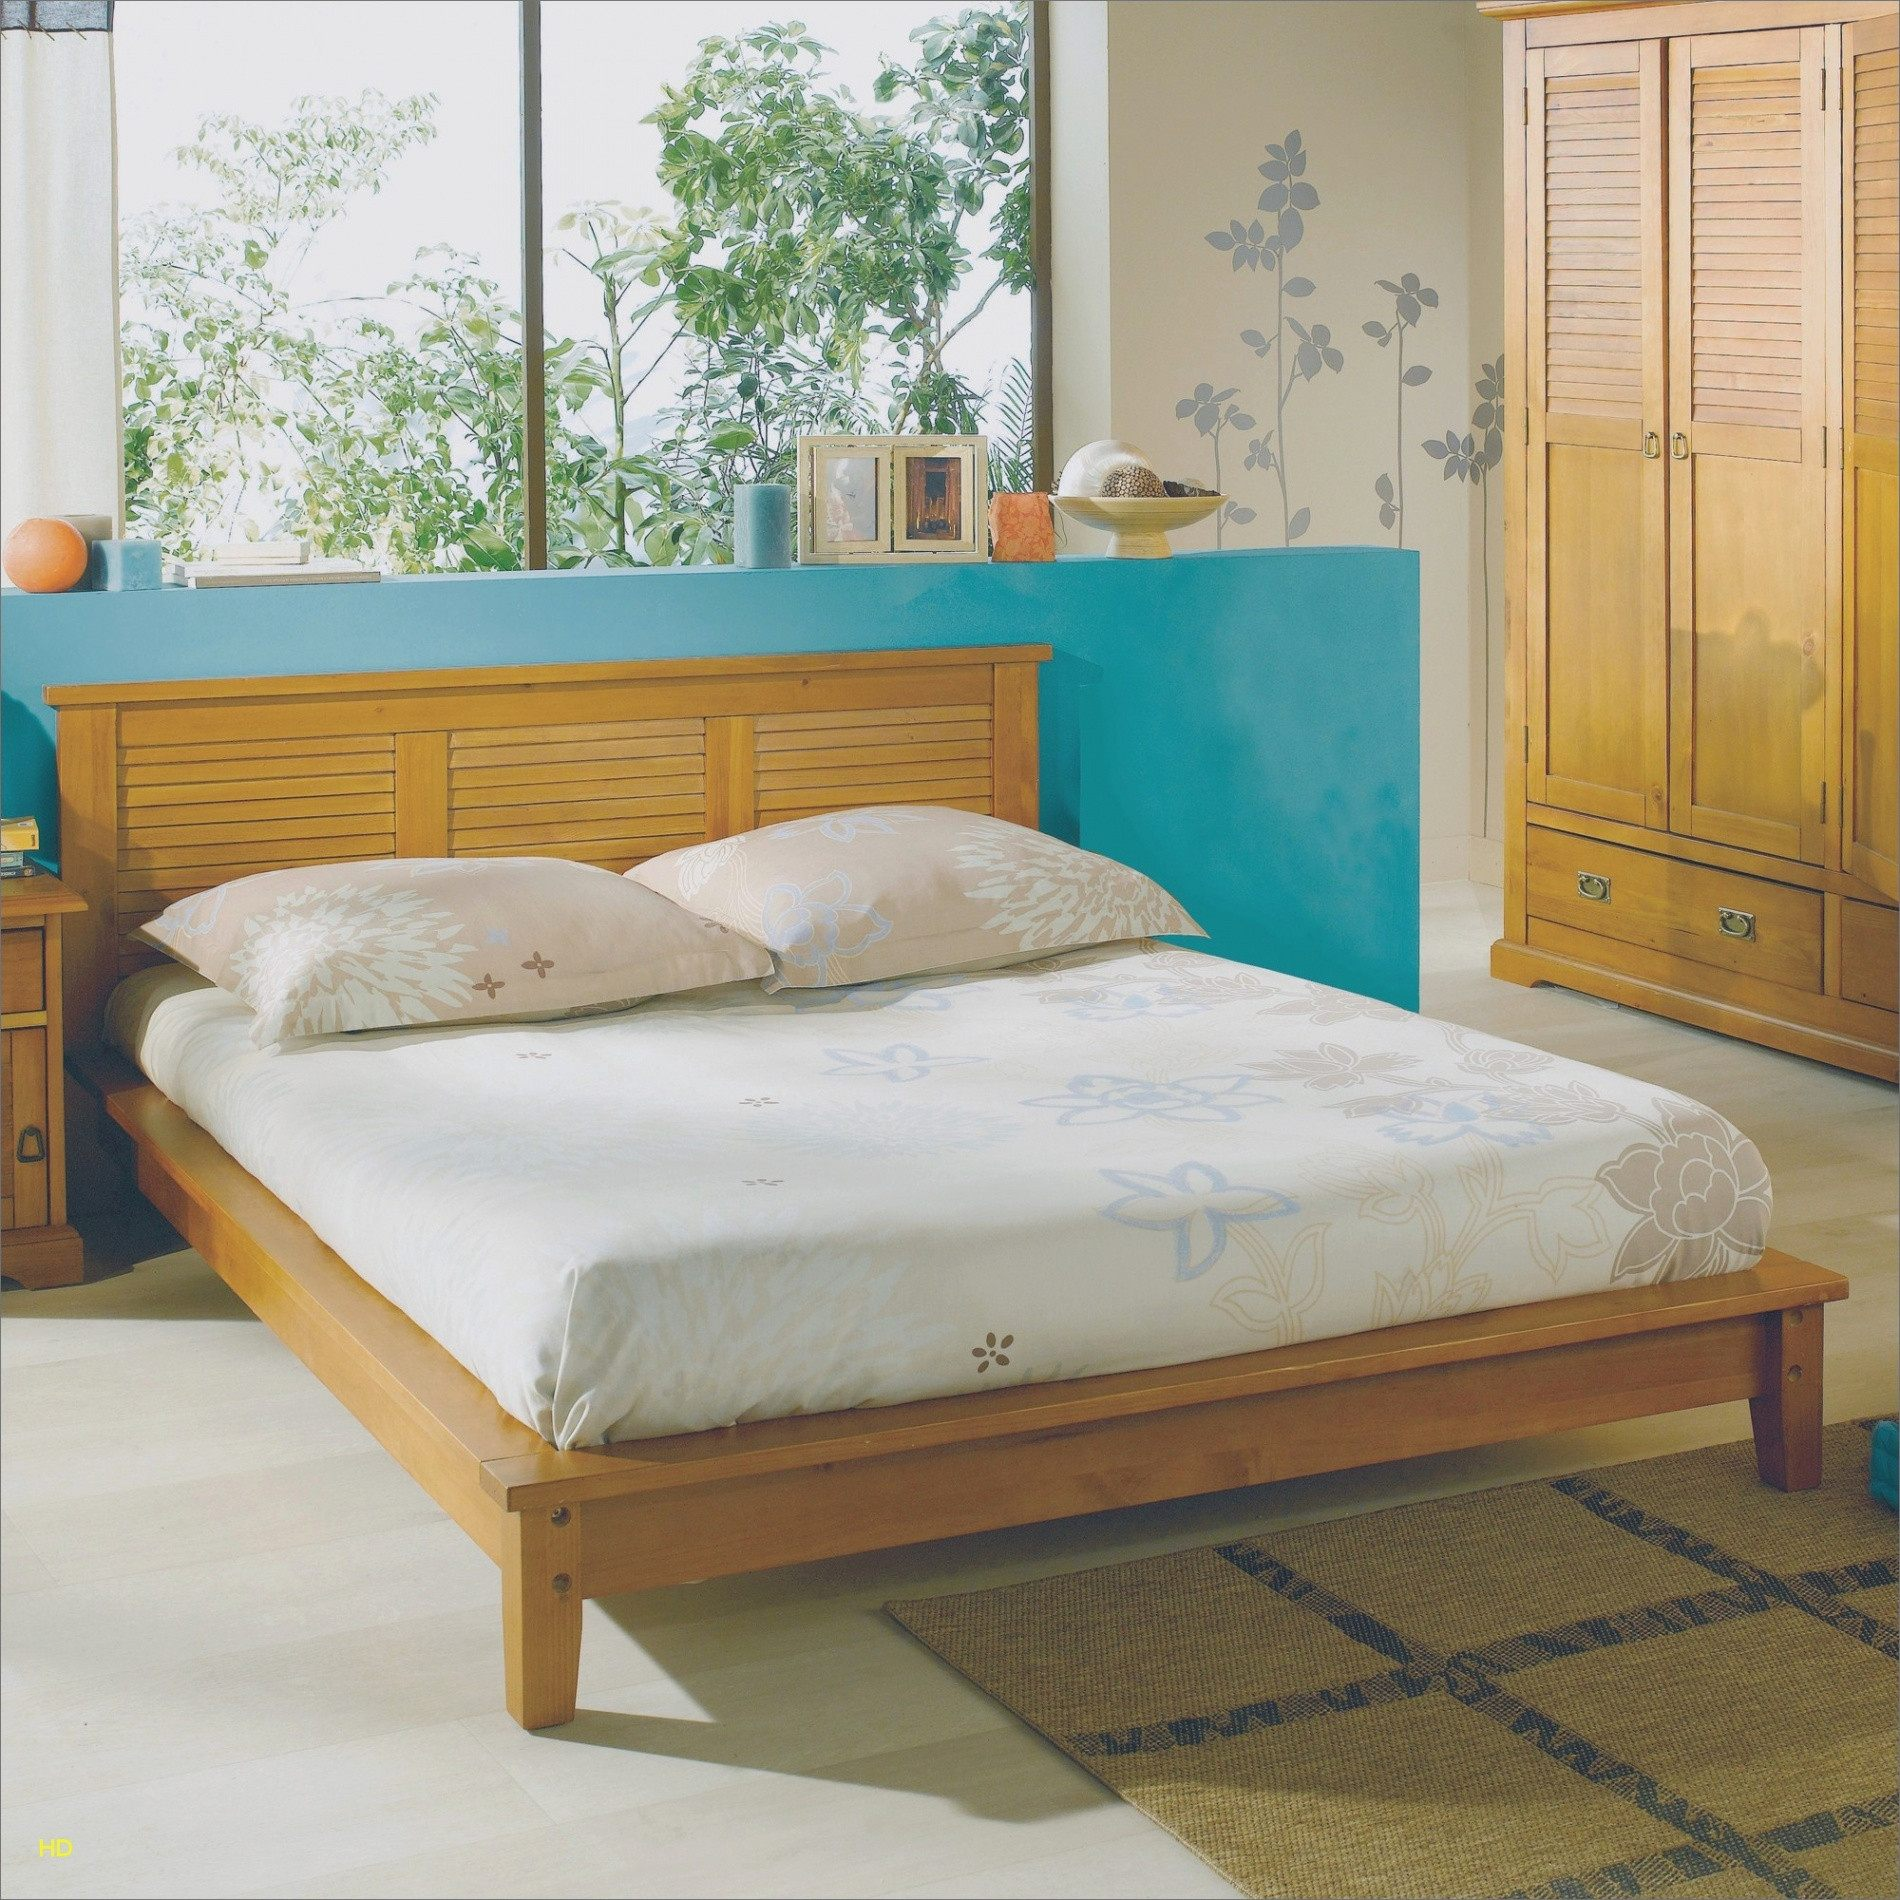 Tete De Lit Tissu Joli Tete De Lit 200 Tissu Tete De Lit Ikea 180 Fauteuil Salon Ikea Fresh